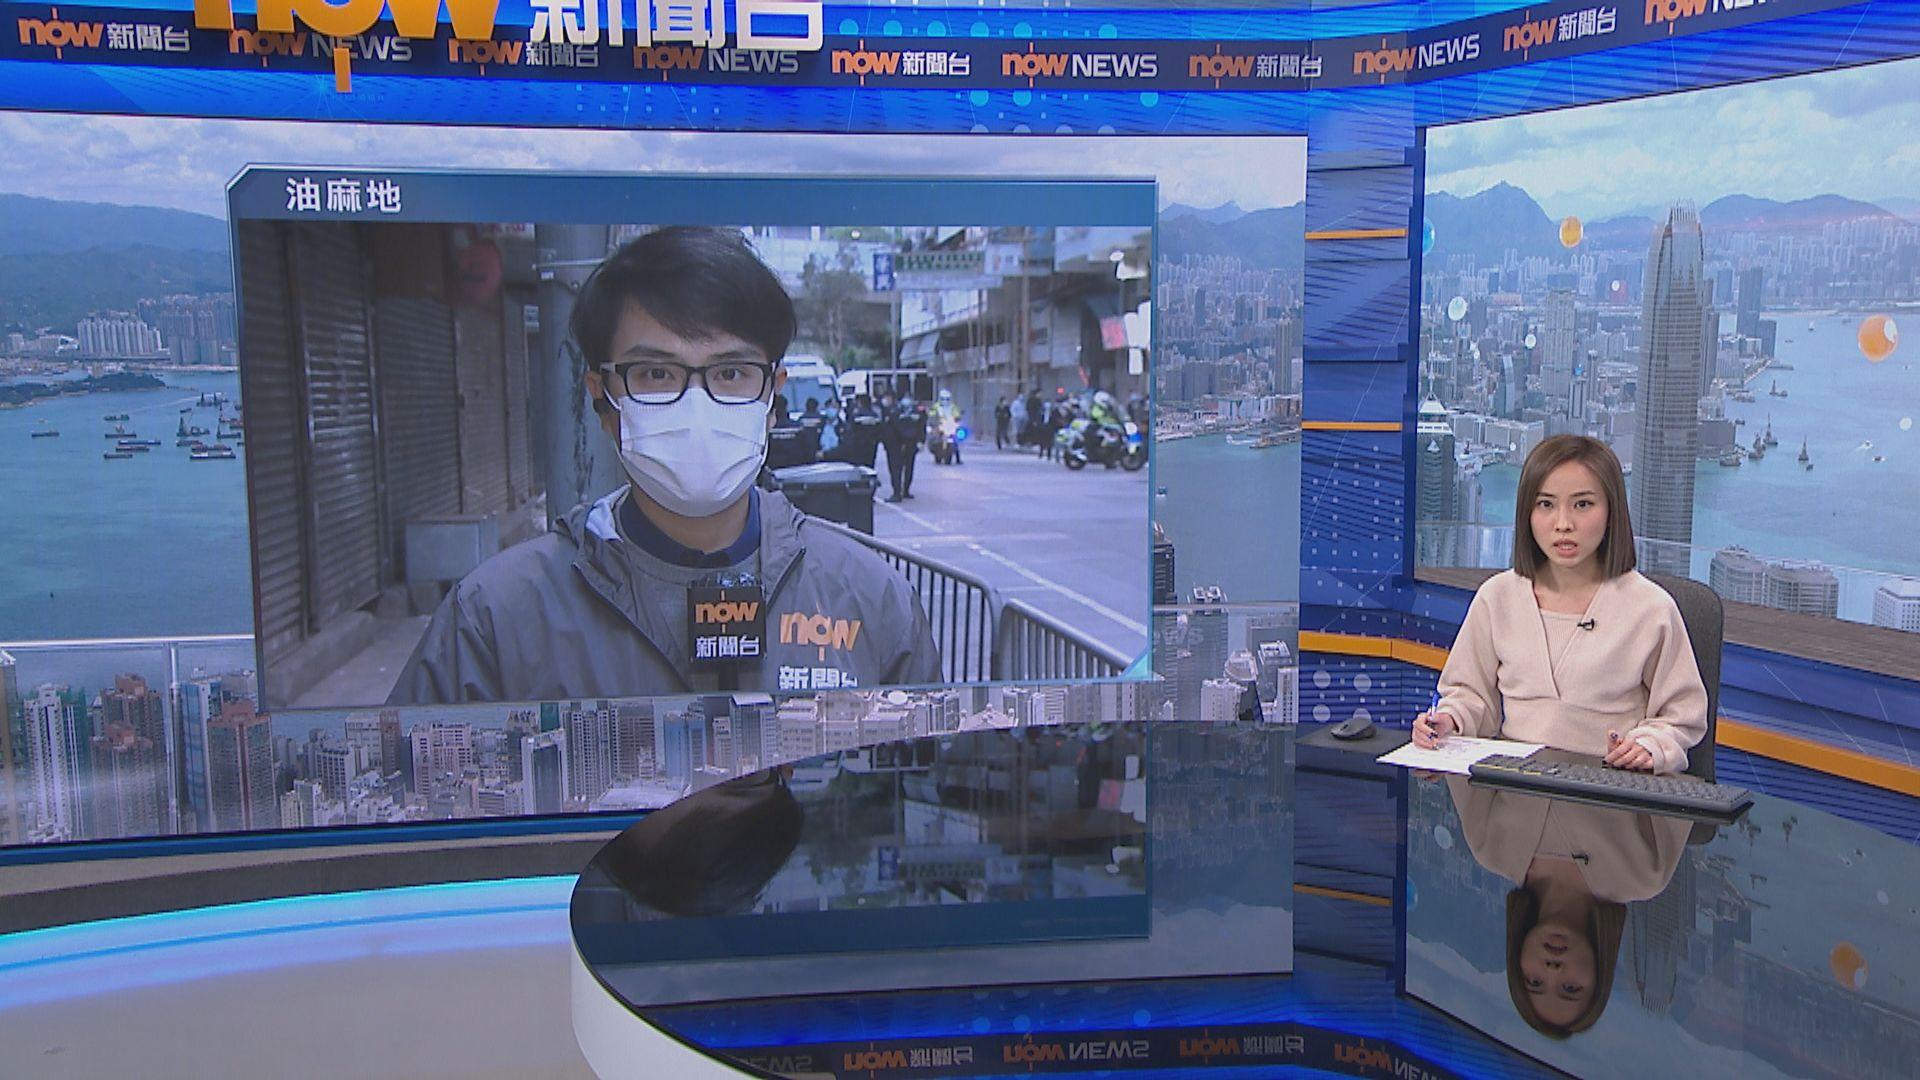 【現場報道】油麻地受限區域居民七時起獲准放行